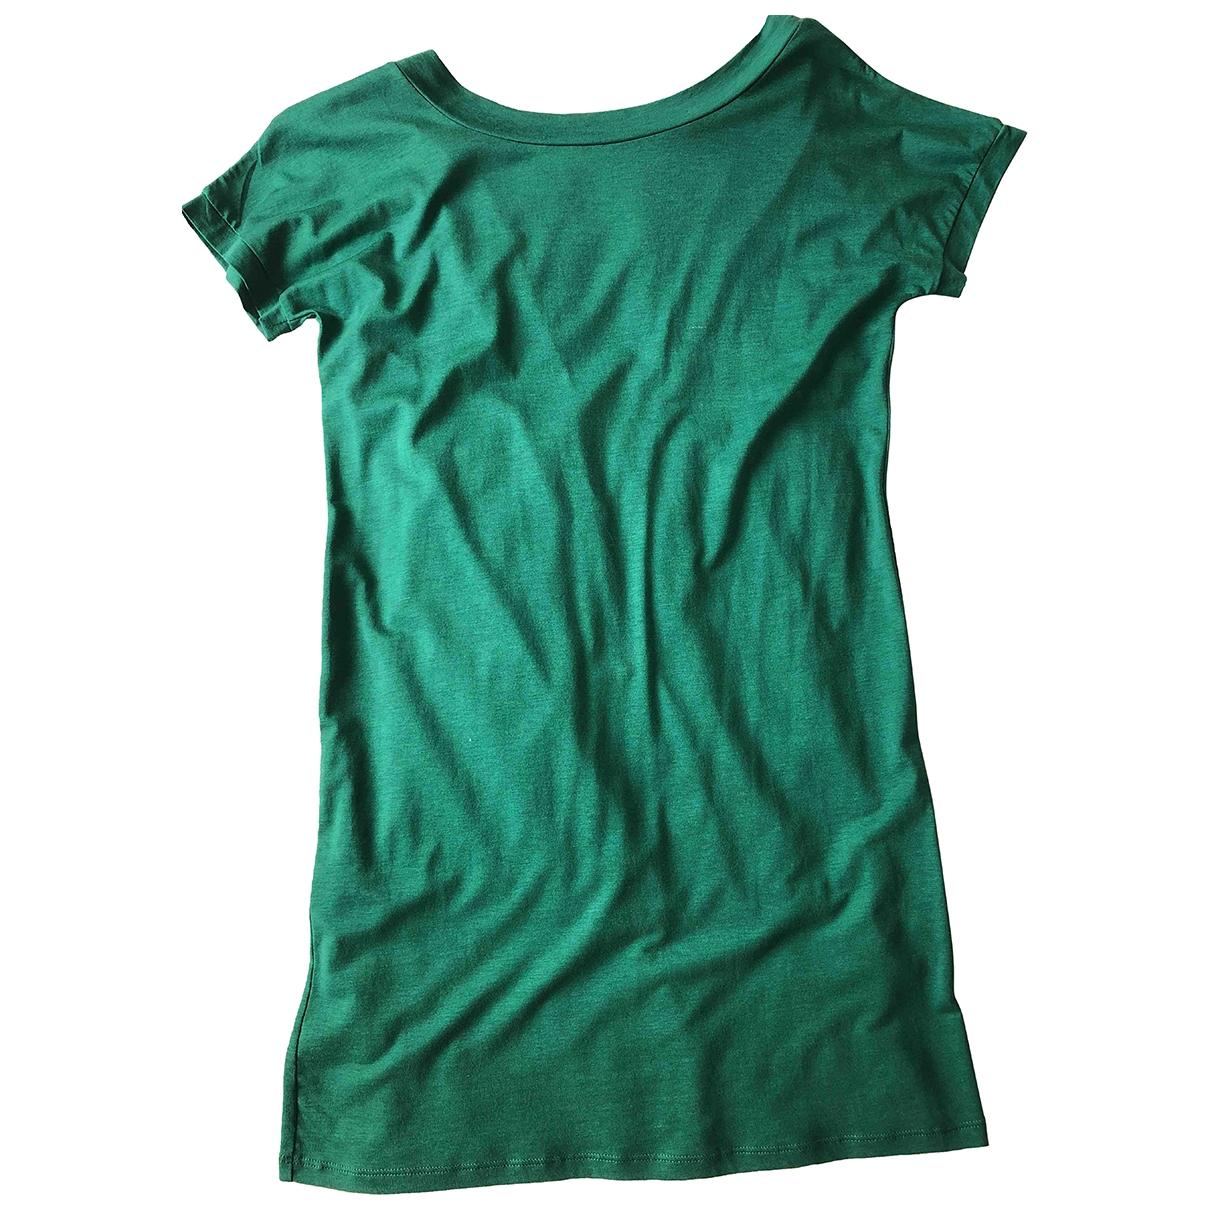 Sessun \N Green Cotton - elasthane dress for Women S International